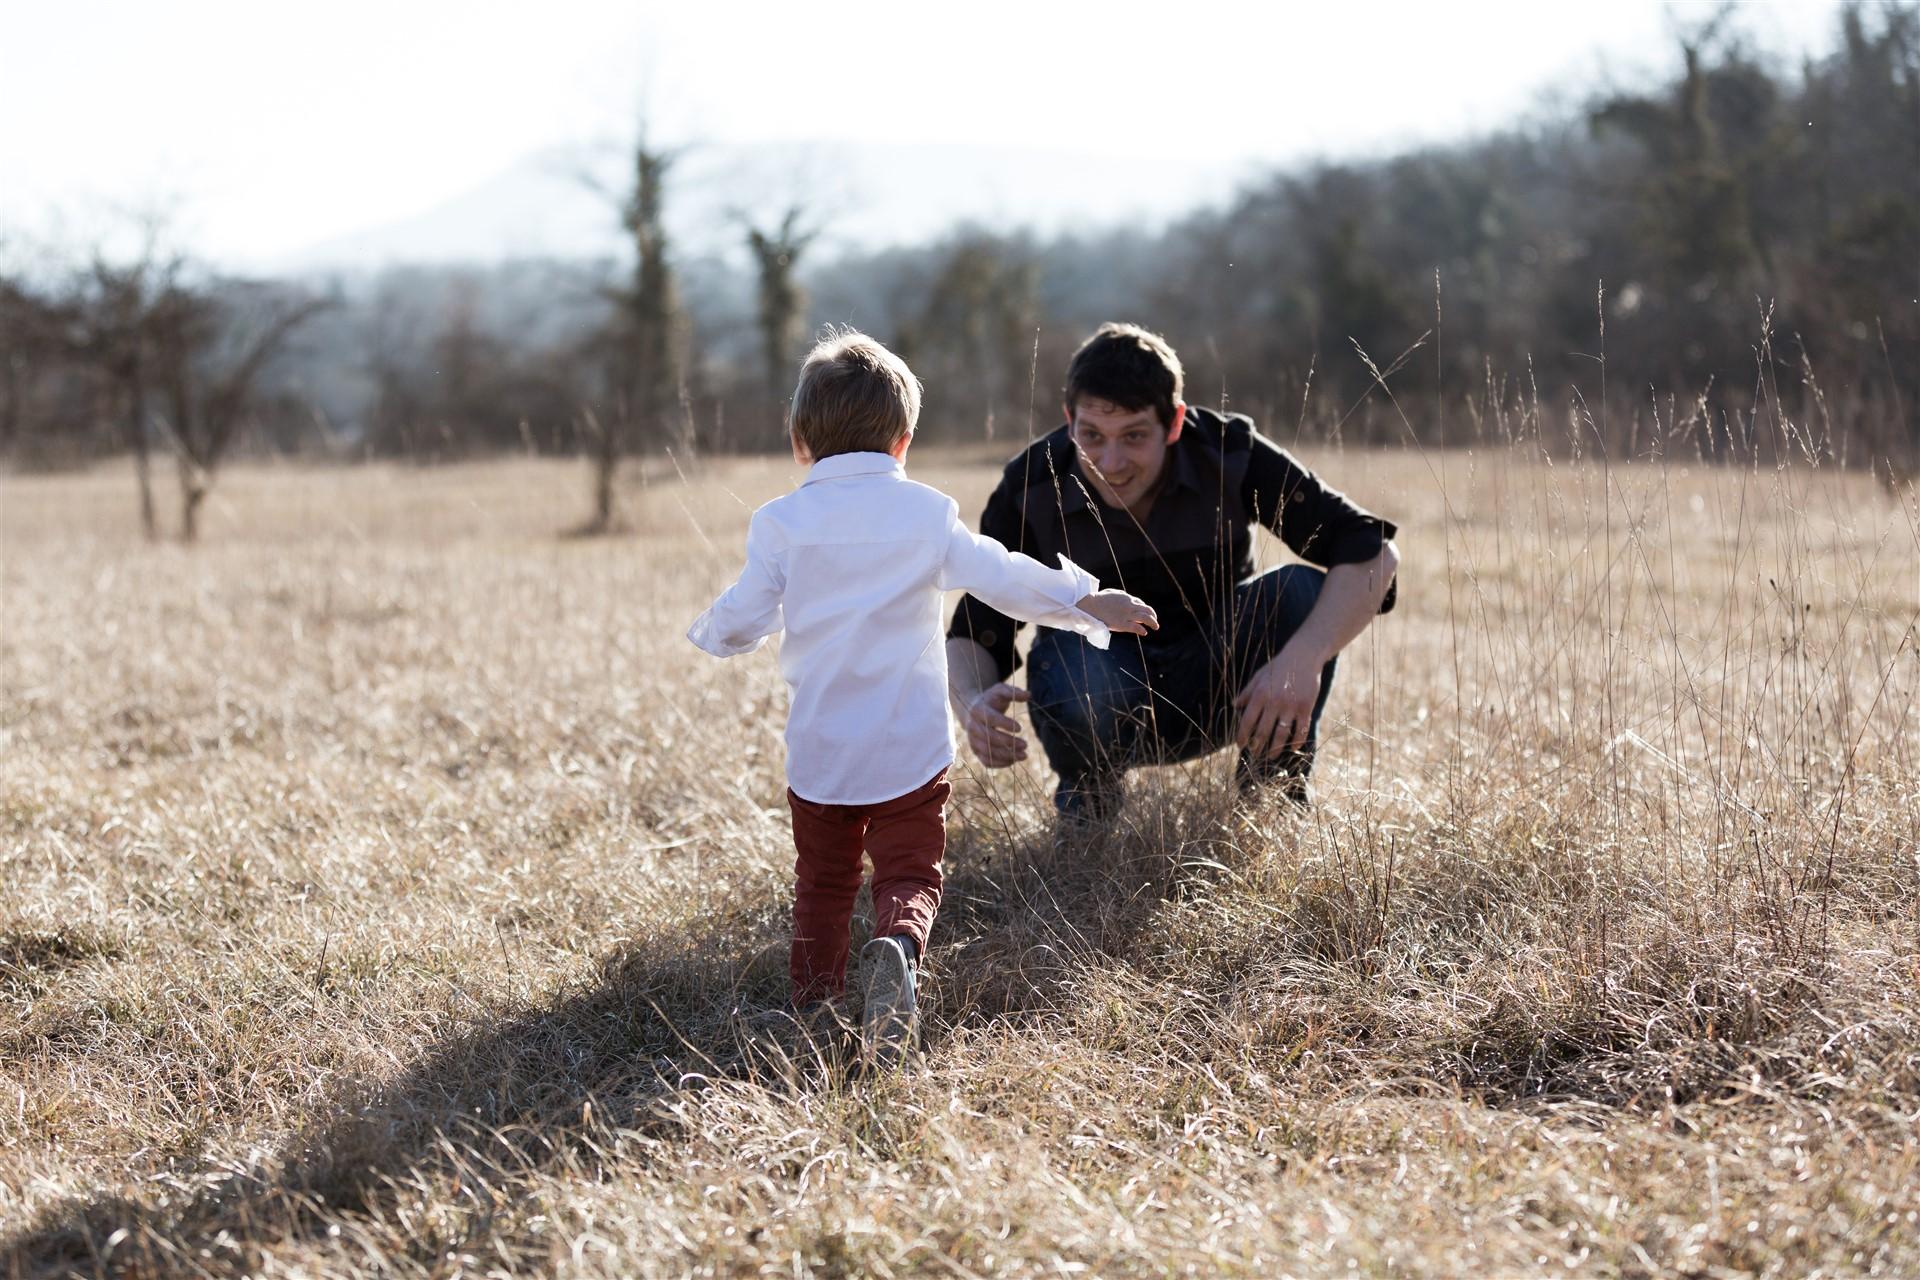 Der Papa mit seinem kleinen Jungen beim Fotoshooting